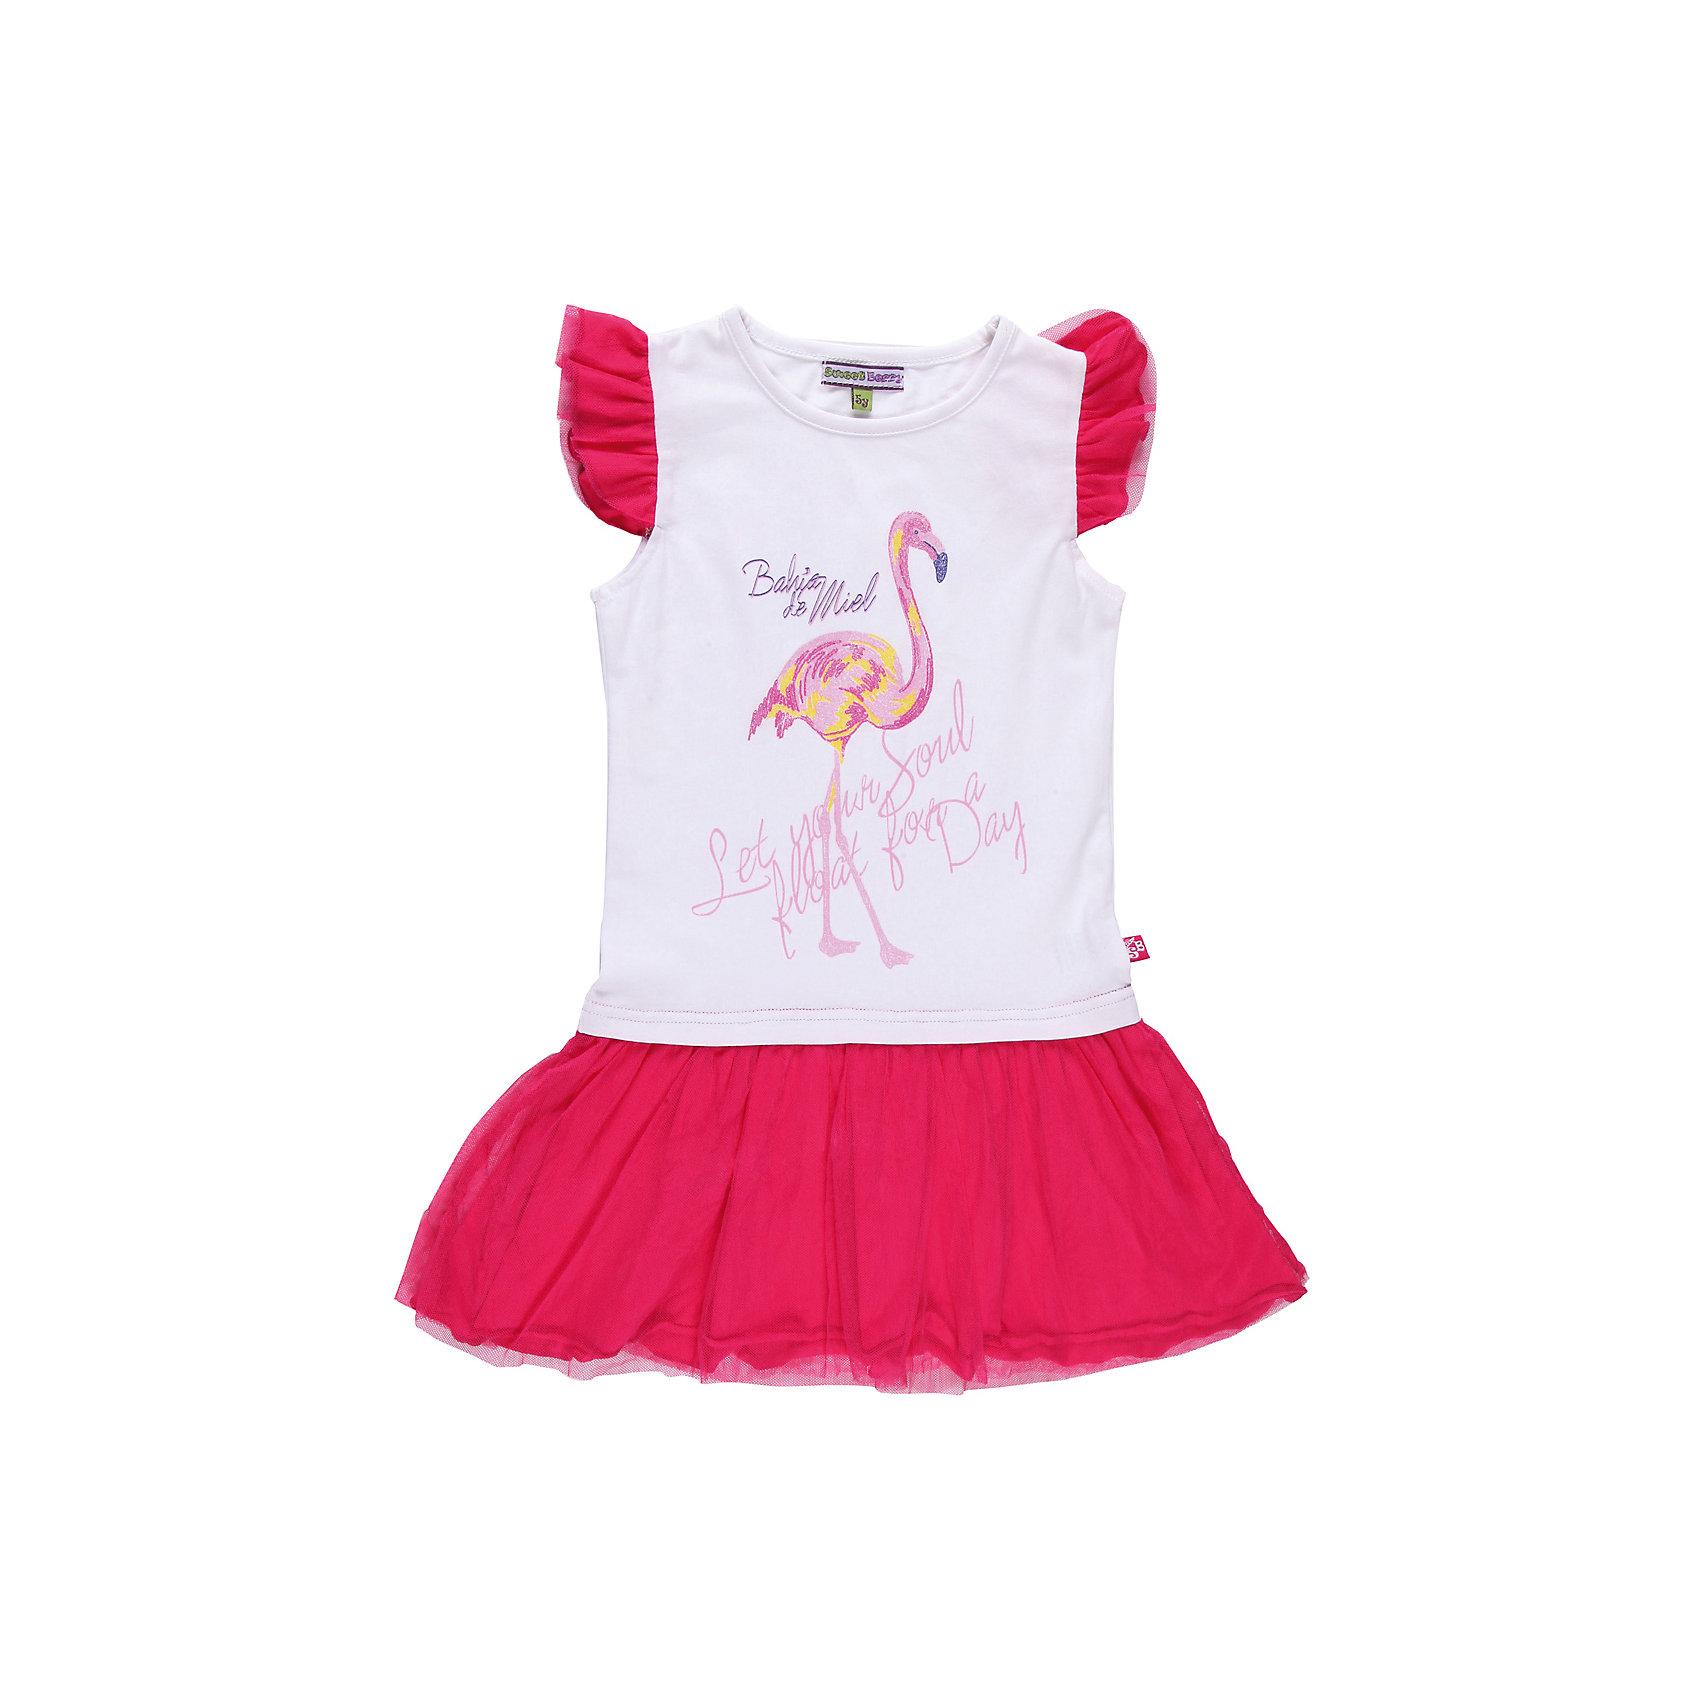 Платье для девочки Sweet BerryРомантичное платье  из эластичного трикотажа  с элементами из сетки. Декорировано принтом с глитером.<br>Состав:<br>95% хлопок, 5% эластан<br><br>Ширина мм: 236<br>Глубина мм: 16<br>Высота мм: 184<br>Вес г: 177<br>Цвет: бело-розовый<br>Возраст от месяцев: 24<br>Возраст до месяцев: 36<br>Пол: Женский<br>Возраст: Детский<br>Размер: 98,122,104,128,110,116<br>SKU: 4521173